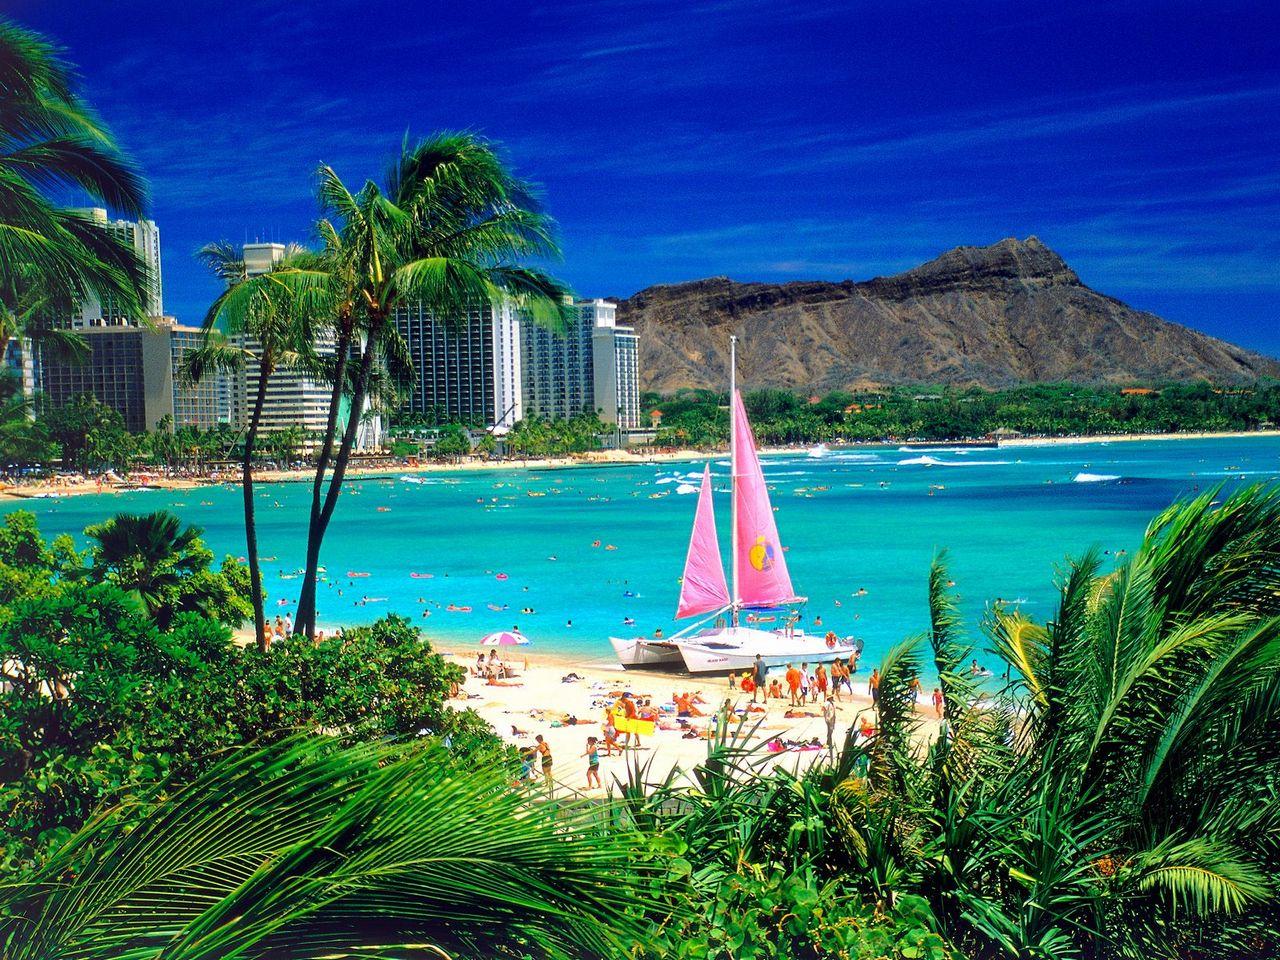 http://1.bp.blogspot.com/-jwDOotnPD_Q/TiqlVSzcFPI/AAAAAAAAJm0/dwxVEBd3qKs/s1600/Waikiki%252C_Oahu%252C_Hawaii___erc.jpg